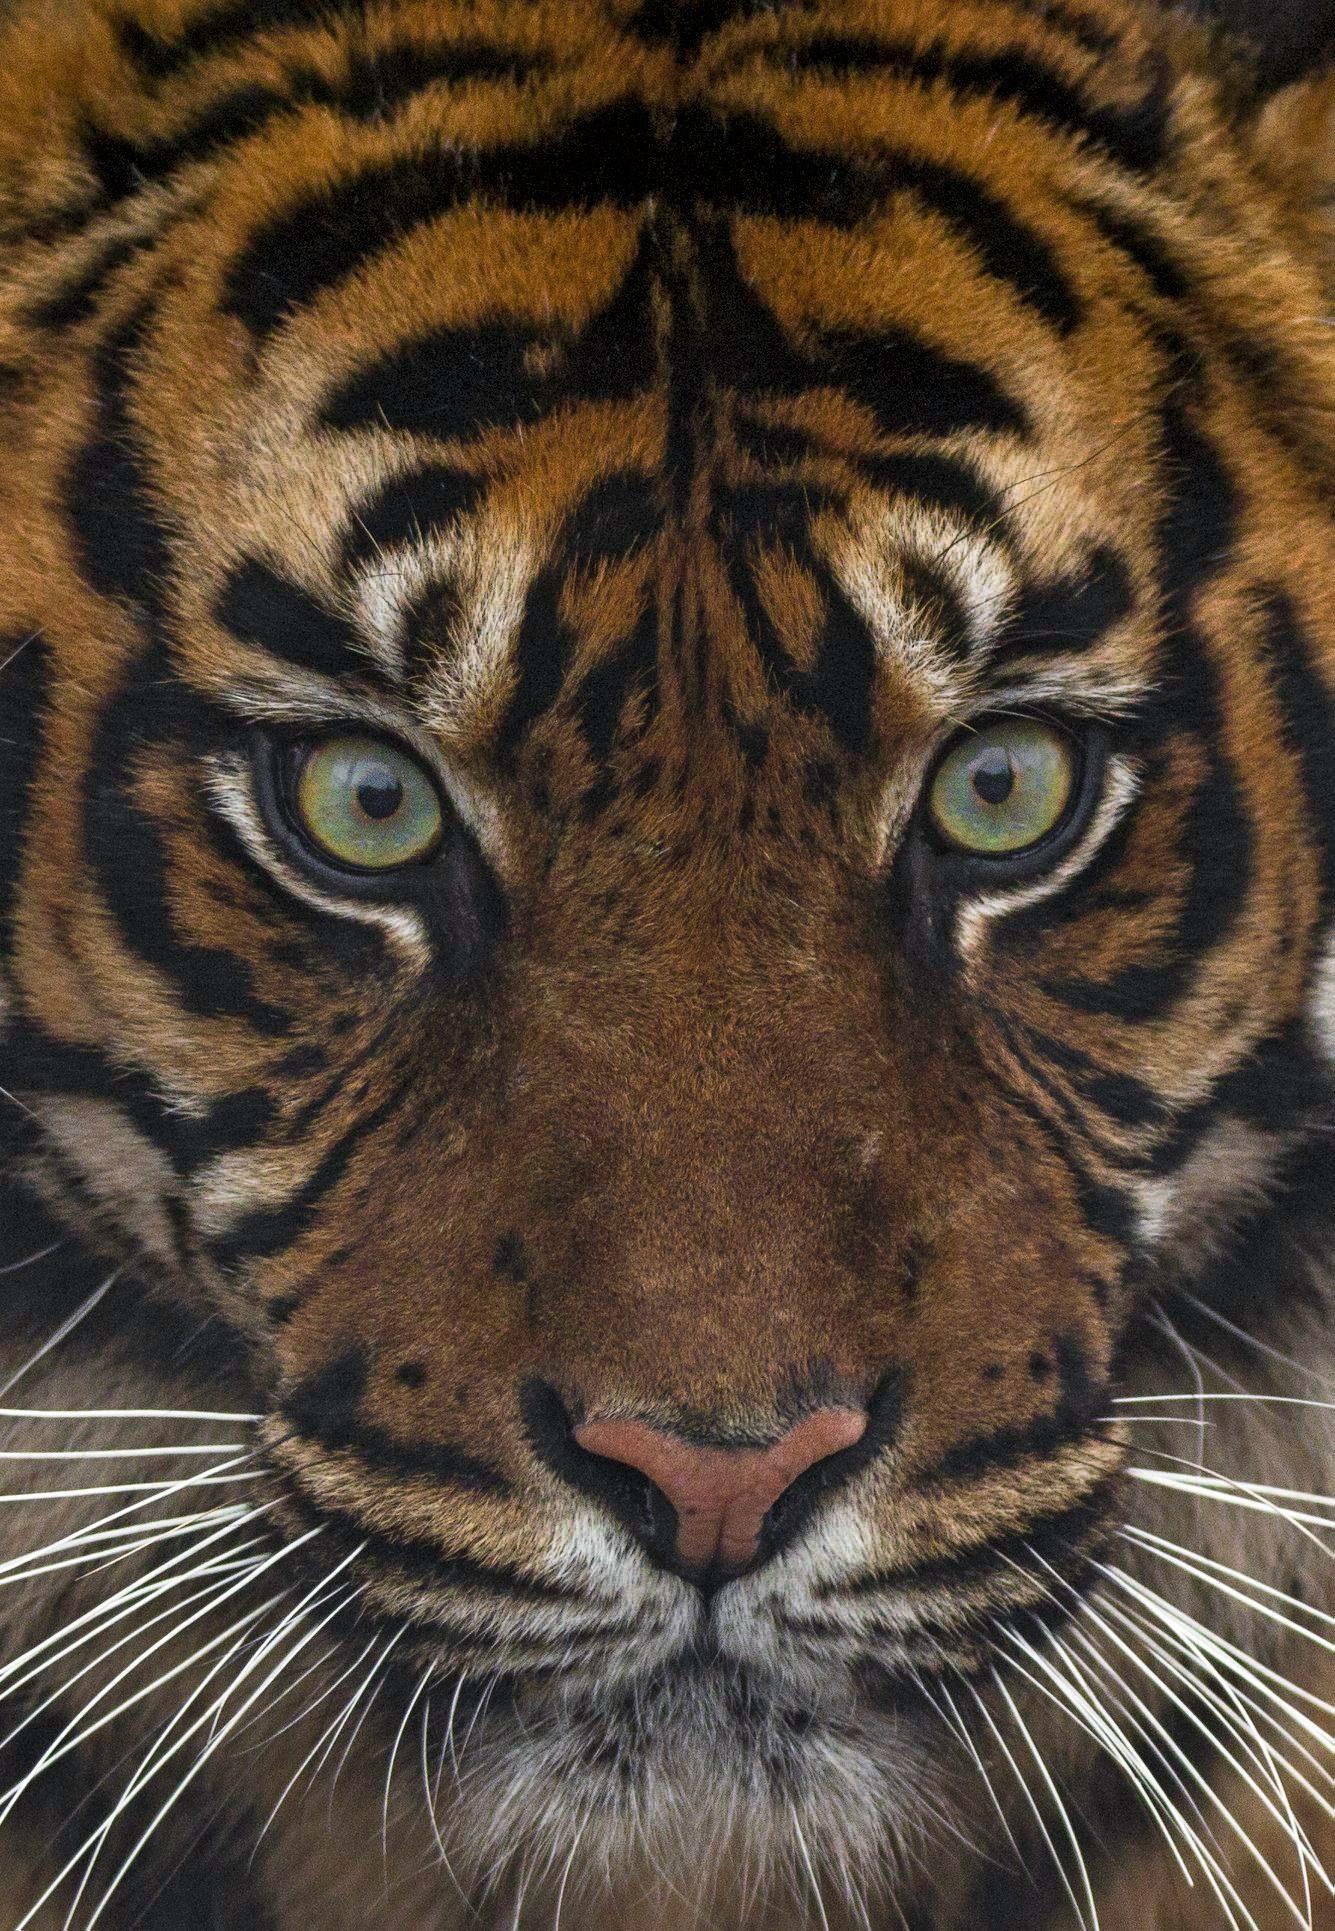 International Tiger Day 2018 8